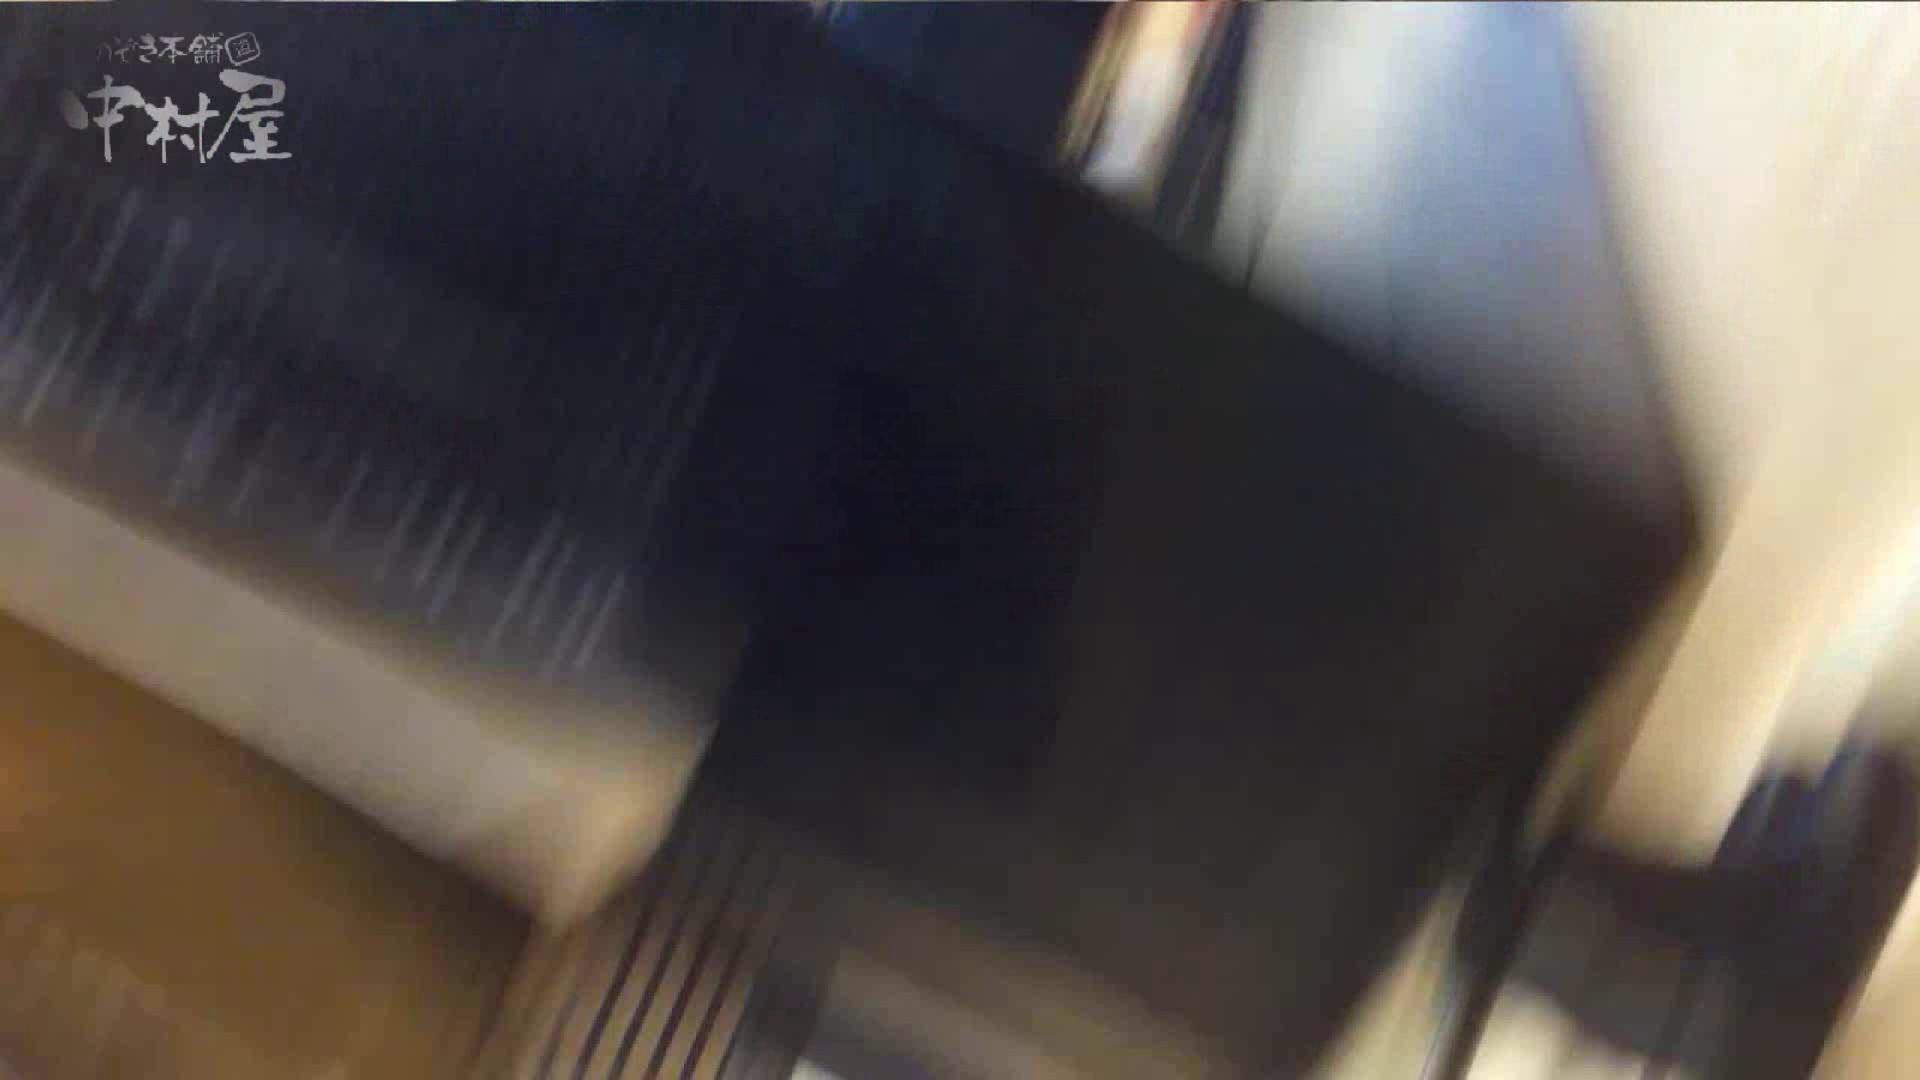 vol.74 美人アパレル胸チラ&パンチラ ブカブカセーターあざっす! チラ | パンチラ  82画像 21